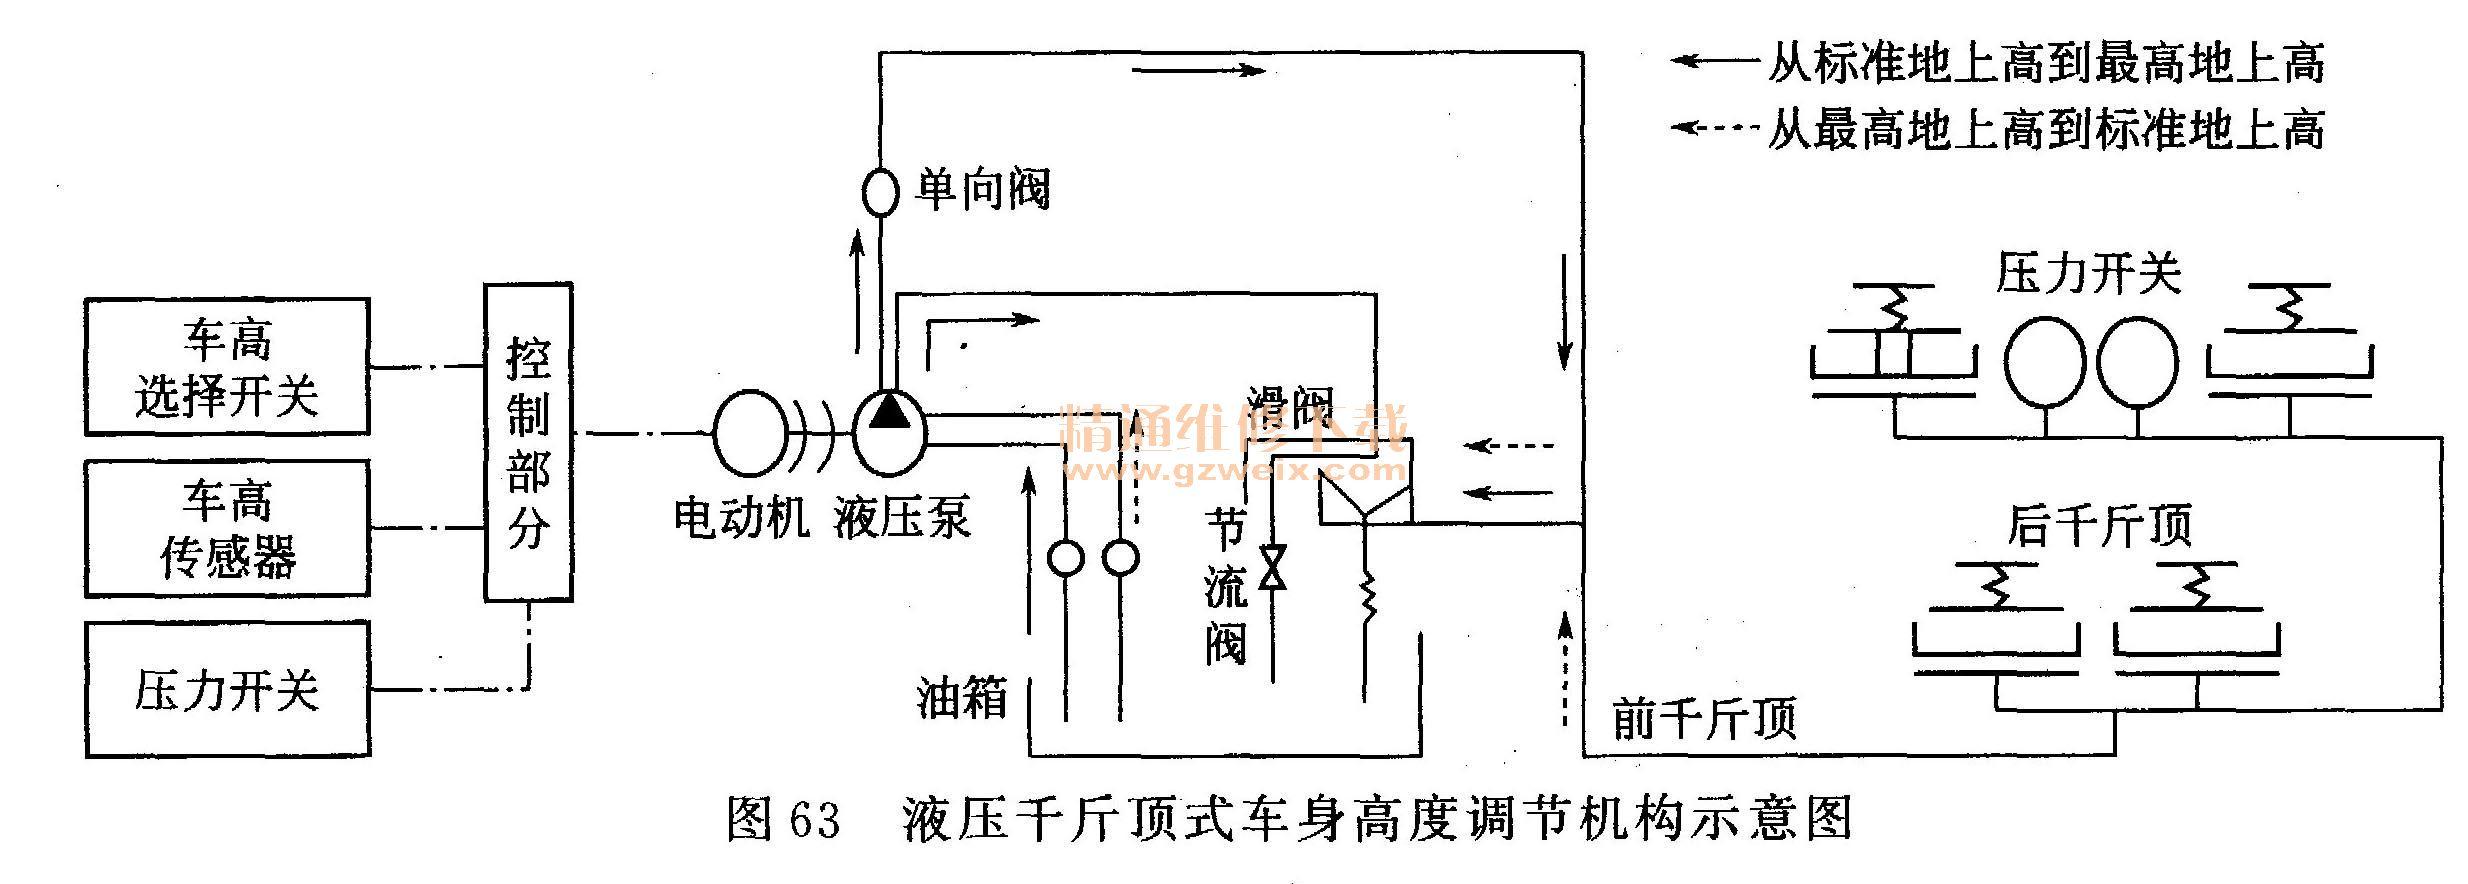 图6 3所示为液压千斤顶式车身高度调节机构示意图,控制系统根据车高图片